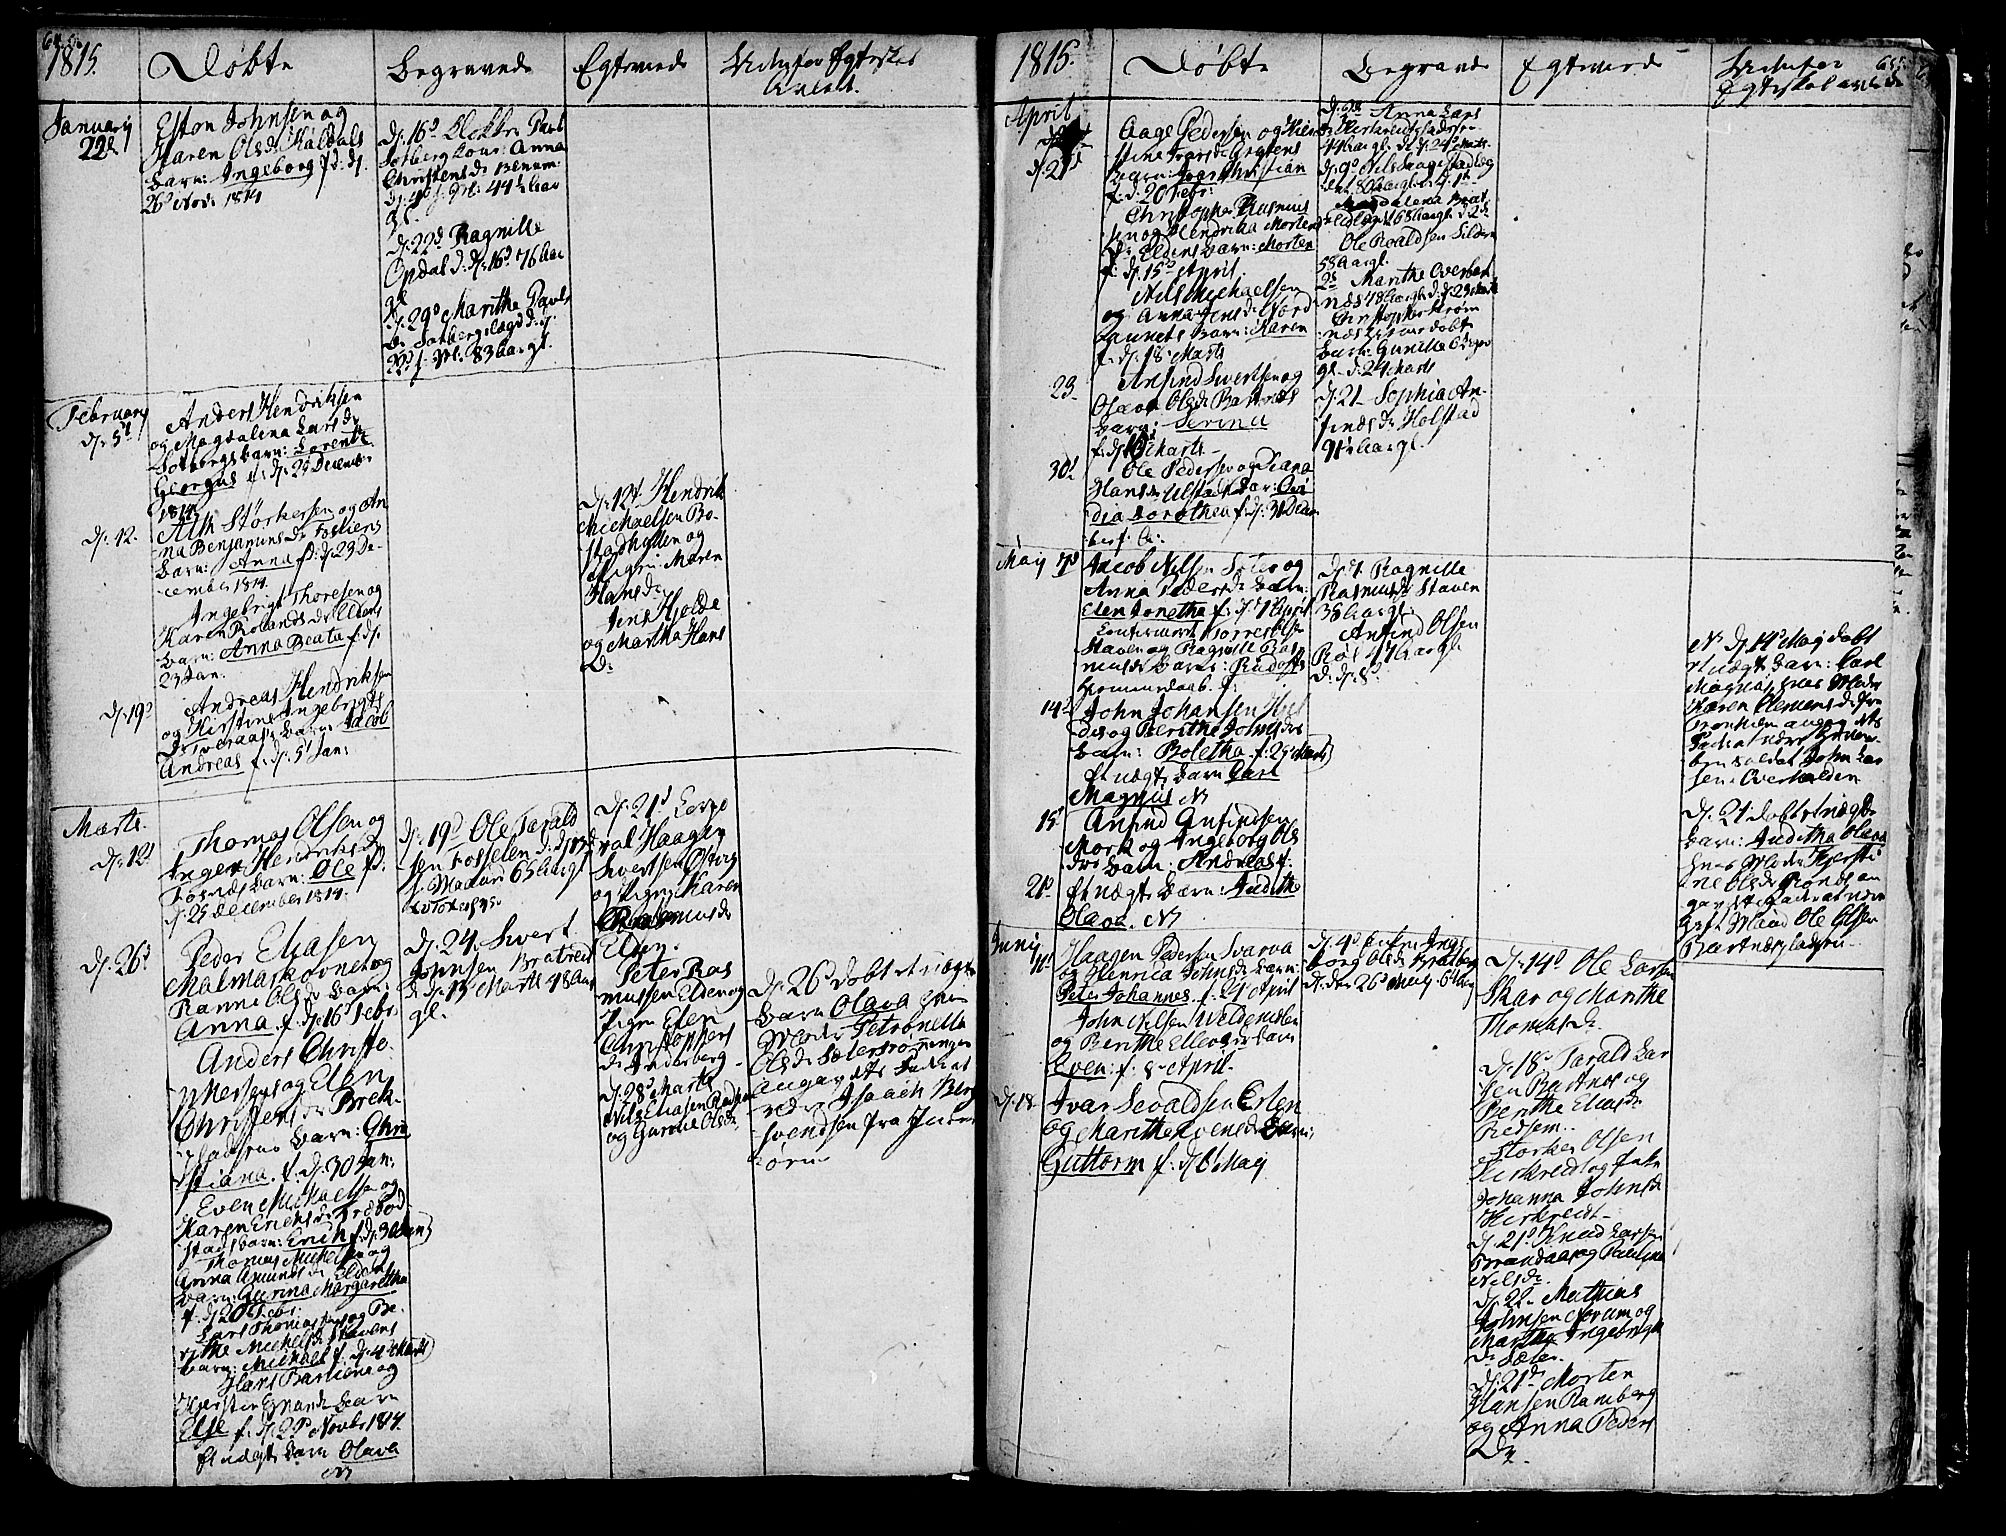 SAT, Ministerialprotokoller, klokkerbøker og fødselsregistre - Nord-Trøndelag, 741/L0386: Ministerialbok nr. 741A02, 1804-1816, s. 64-65